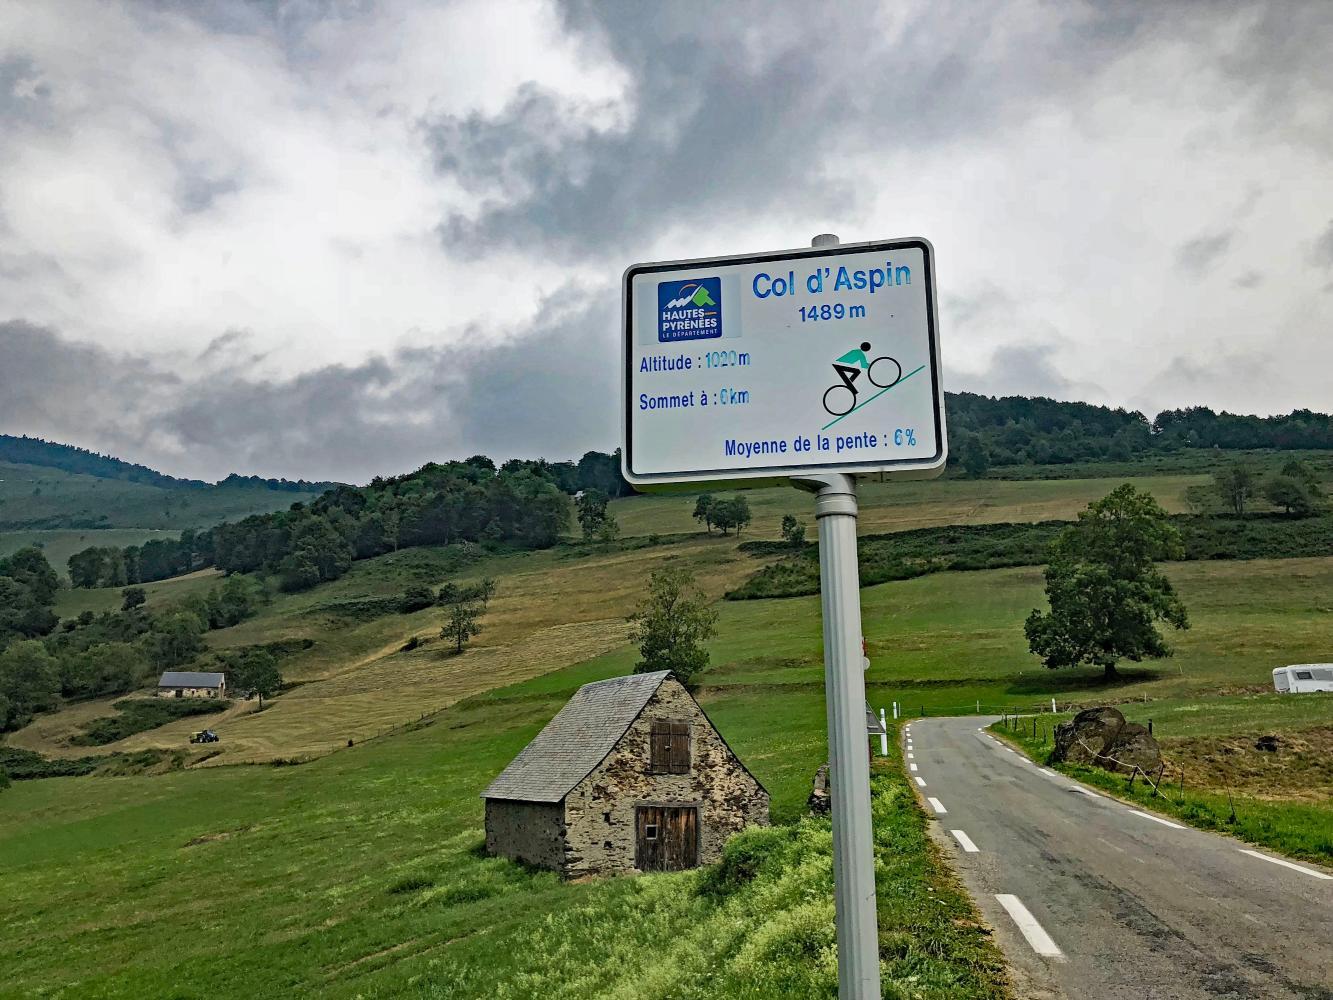 Col d'Aspin - Arreau Bike Climb - PJAMM Cycling